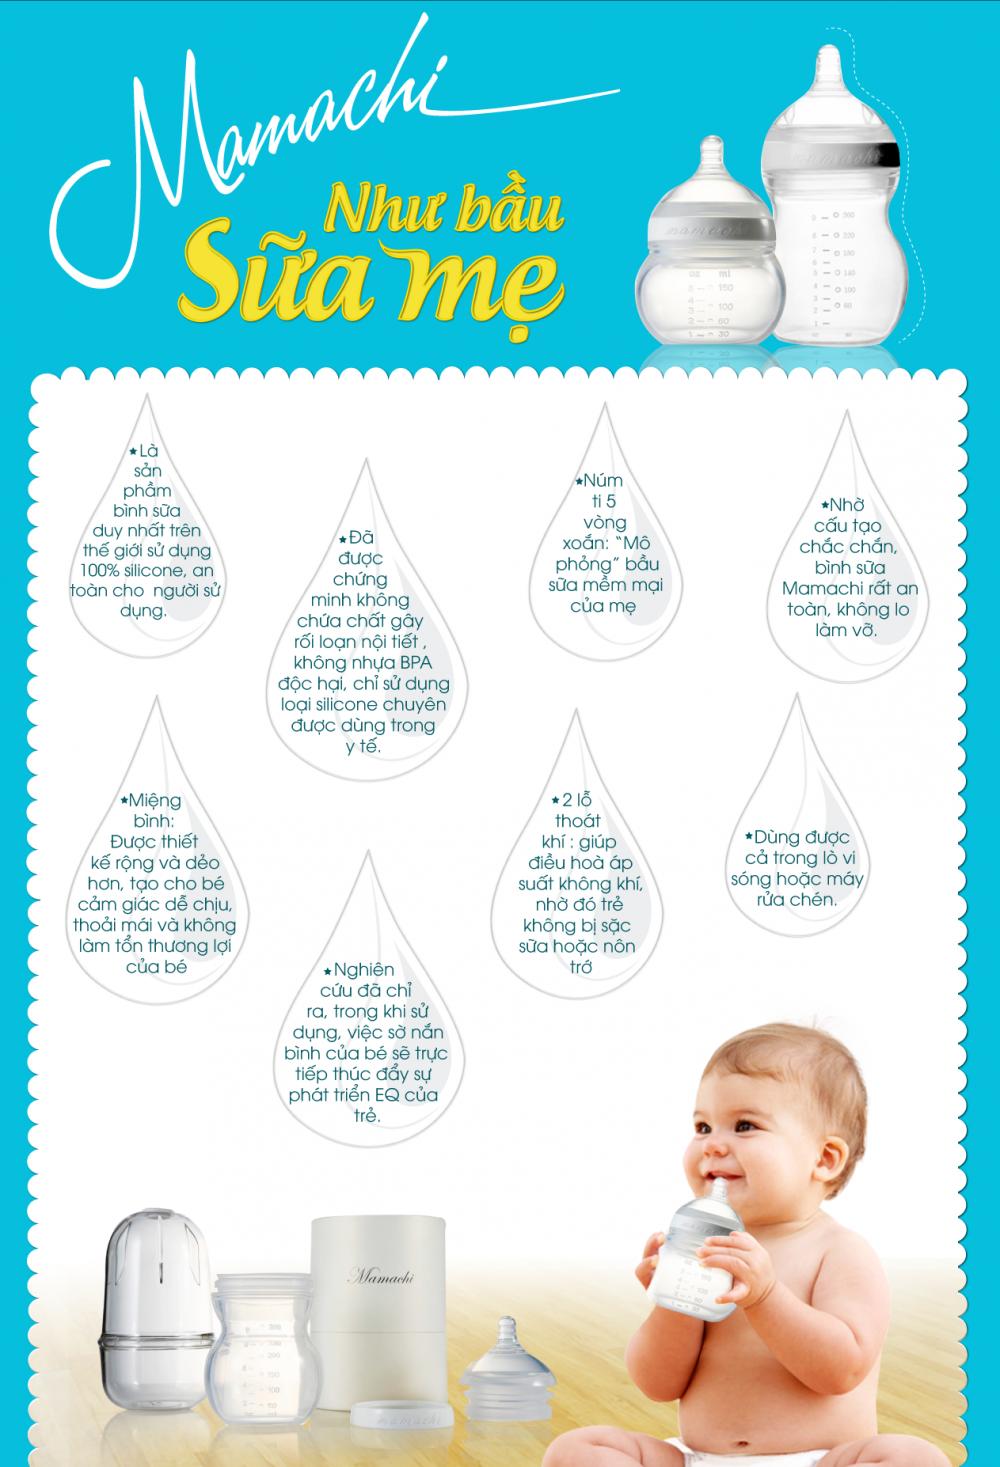 Kinh nghiệm chọn bình sữa cho trẻ bú ngoan.